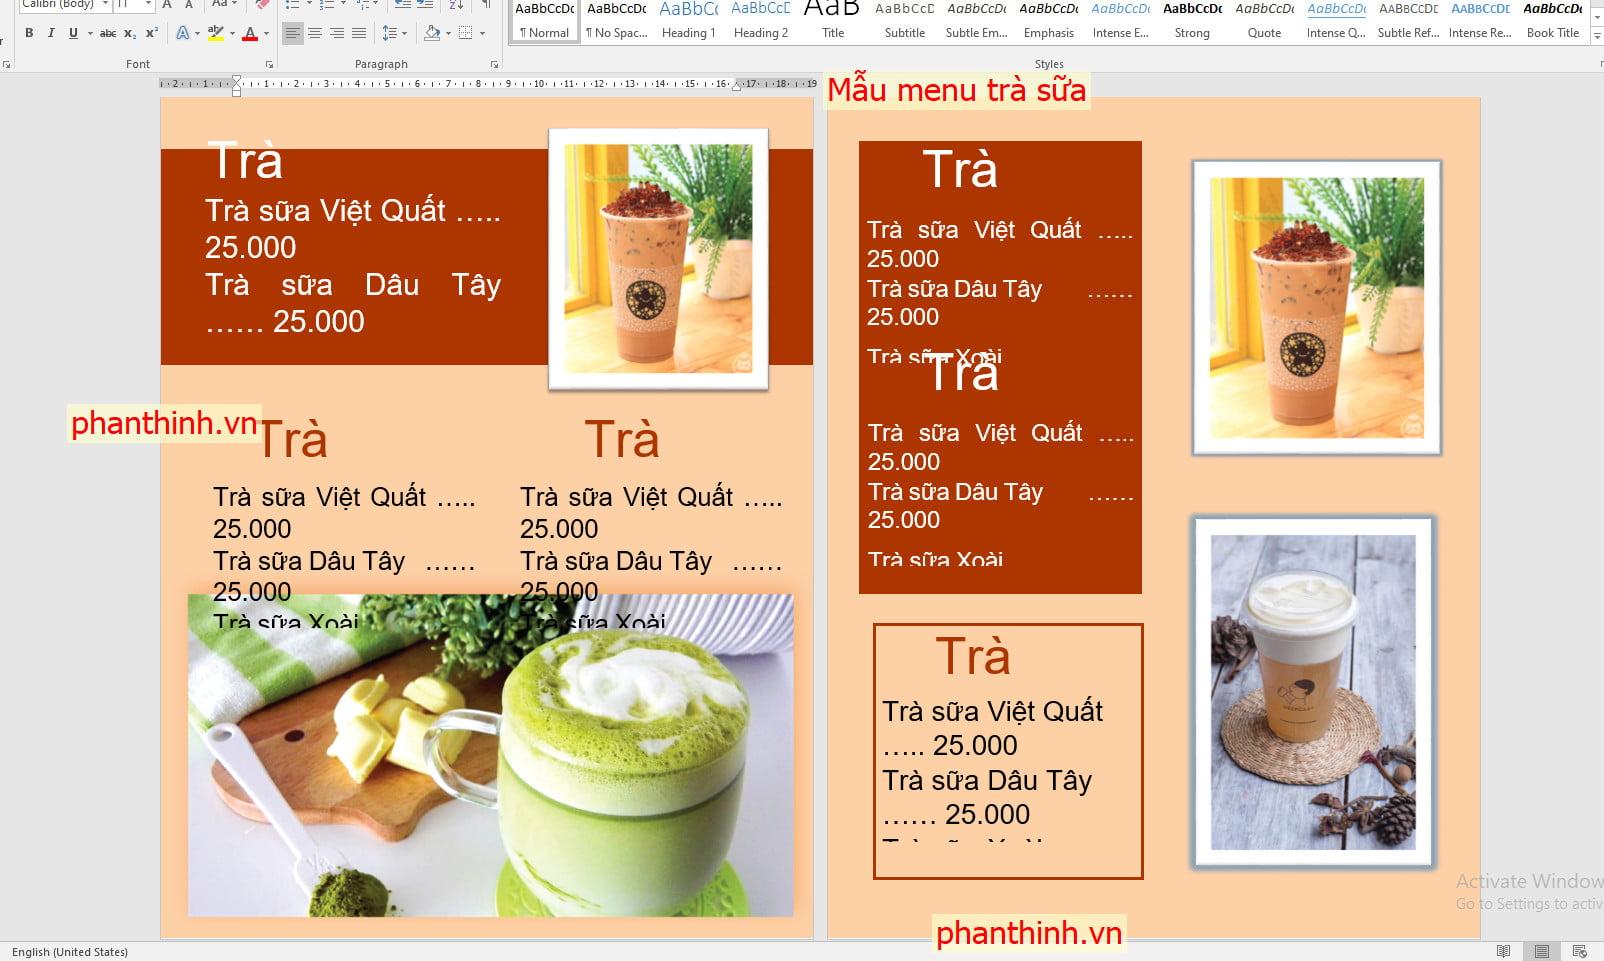 Các mẫu menu đơn giản quán trà sữa